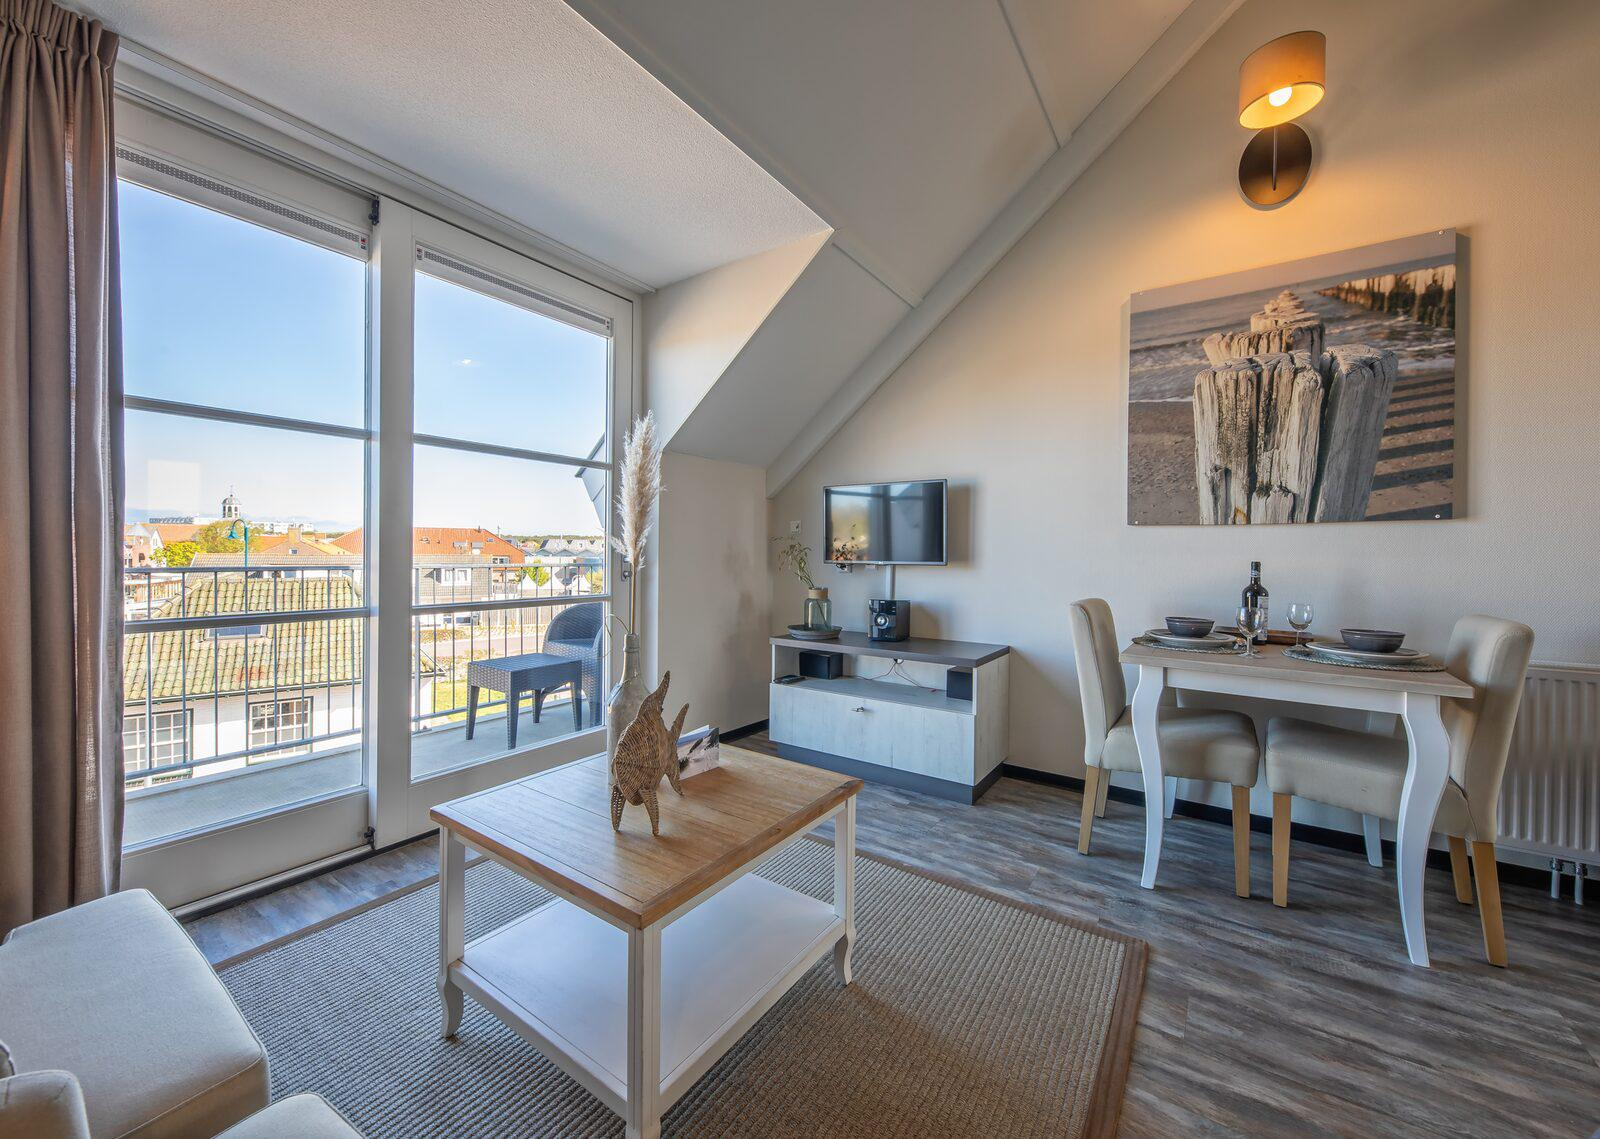 Strandplevier Luxe Eilandsuite 2 personen De Koog, Texel